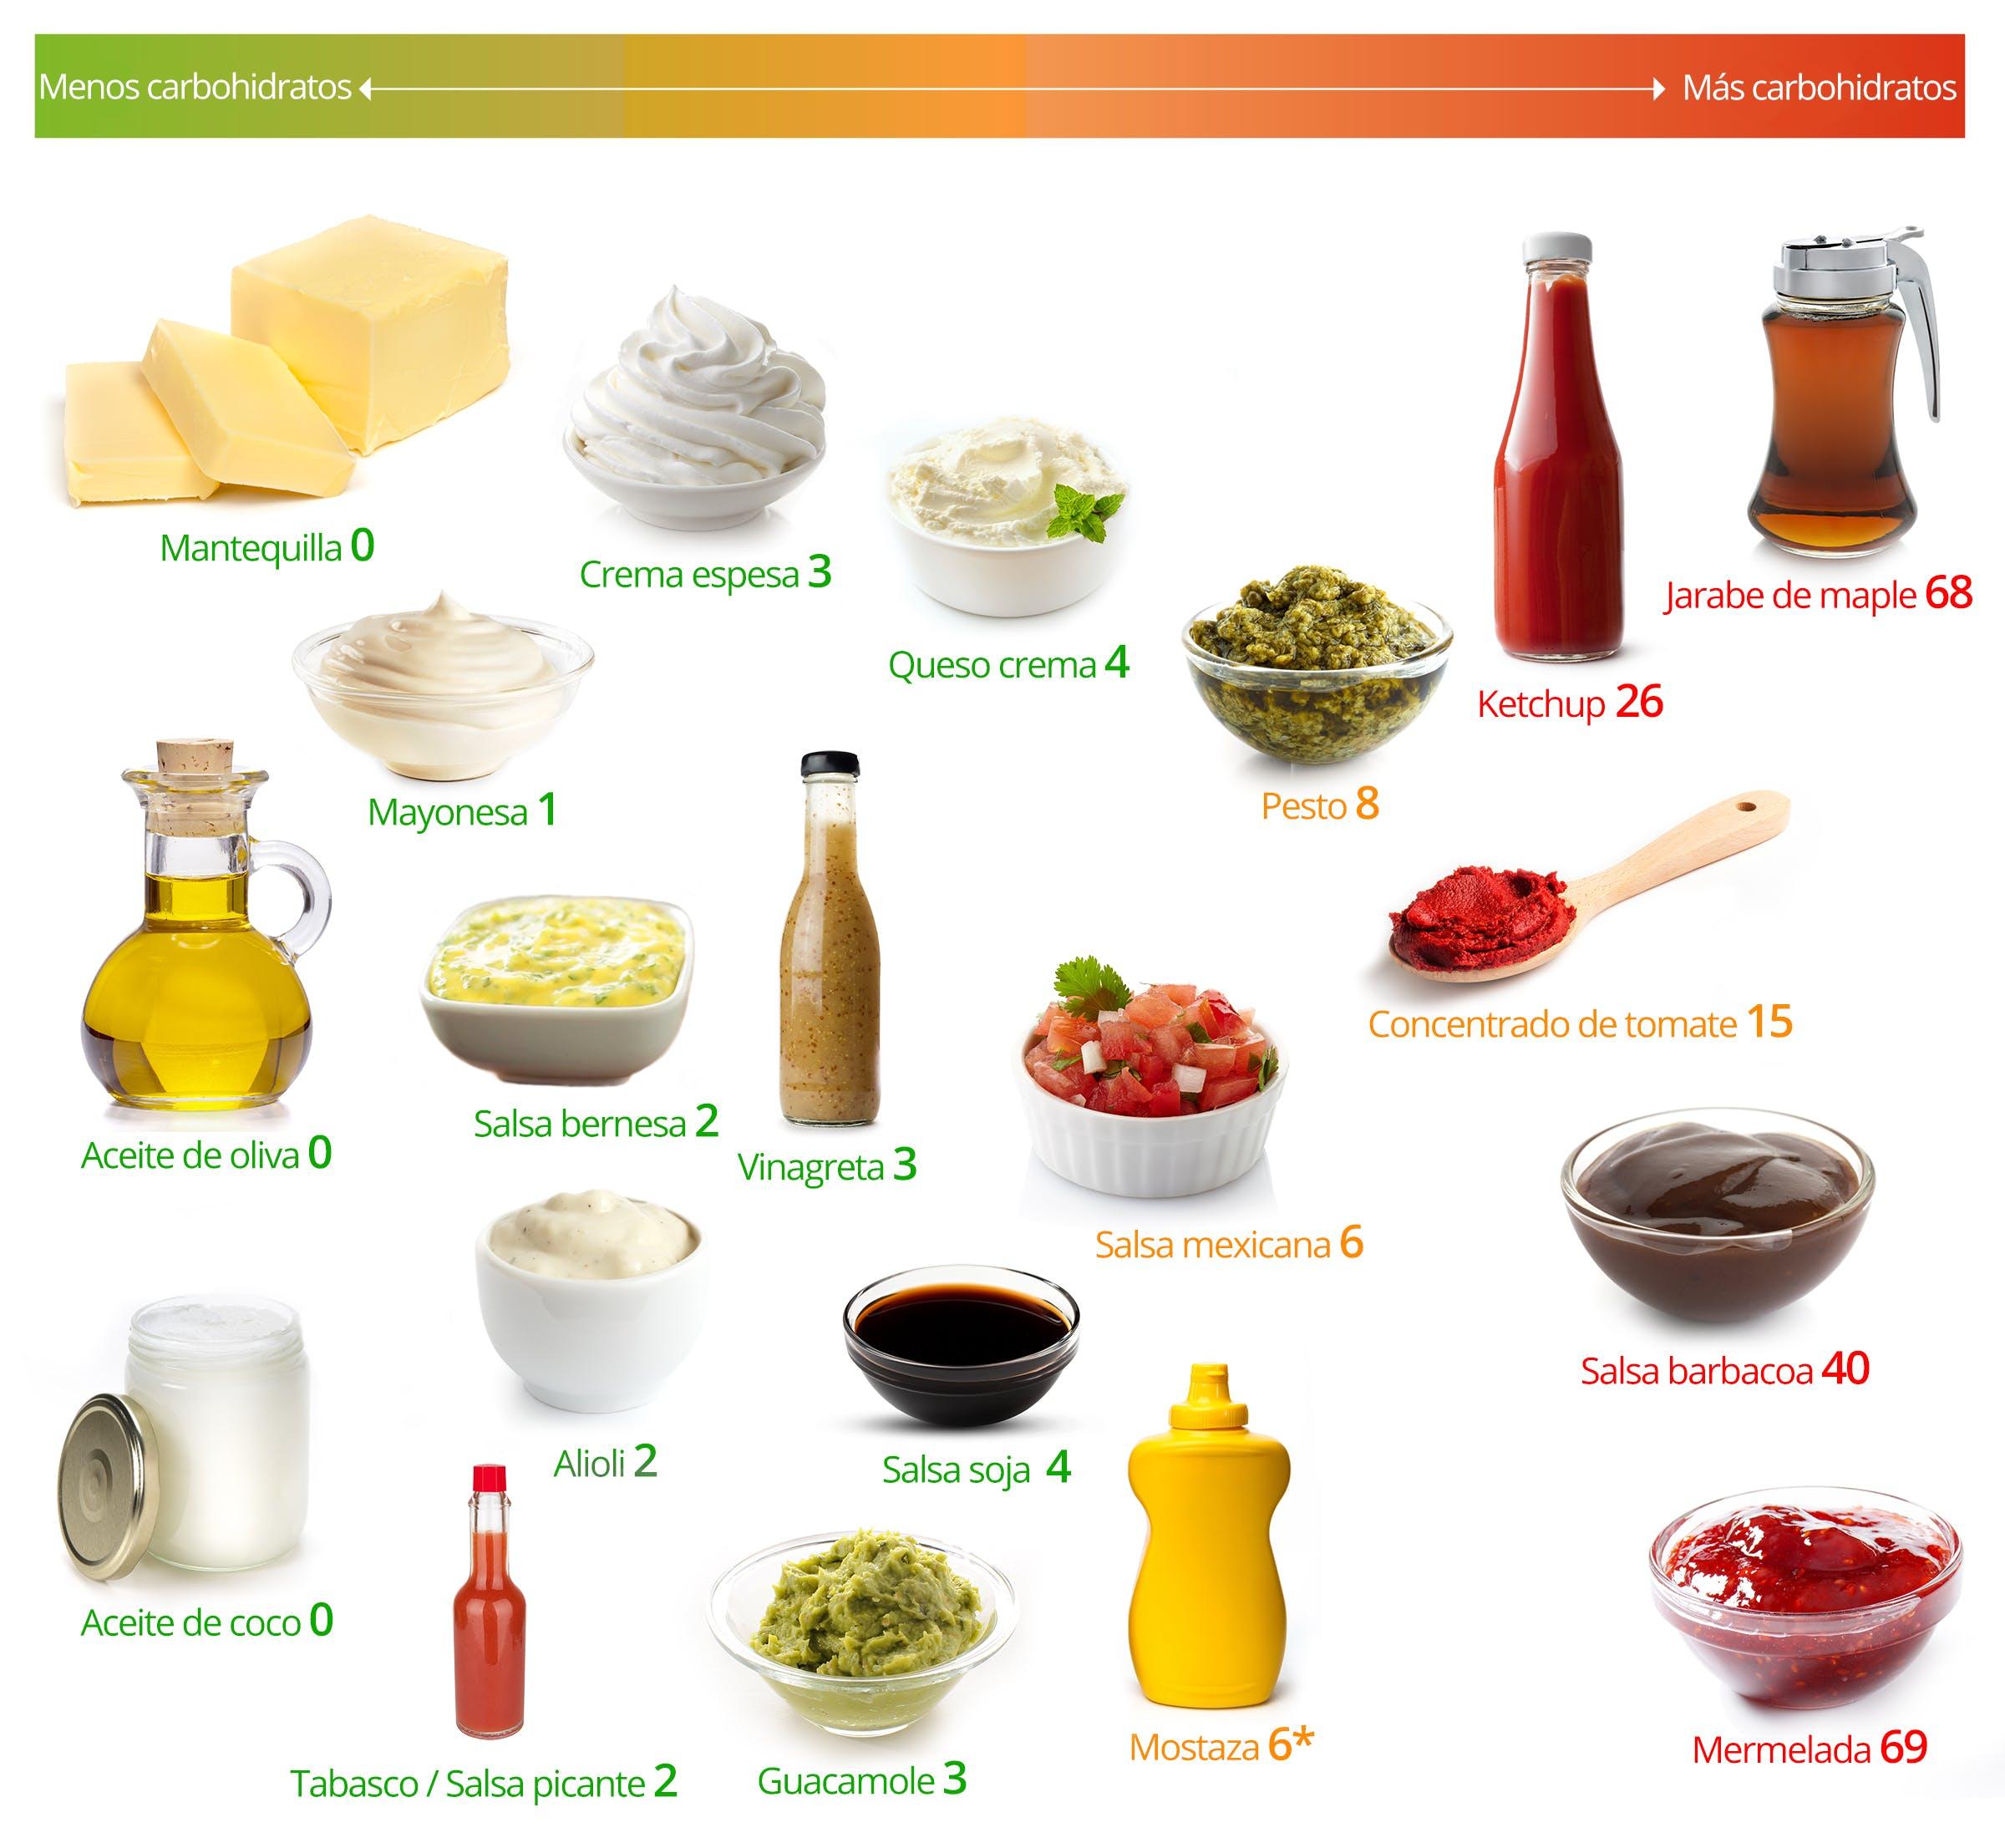 Grasas y salsas bajas en carbohidratos